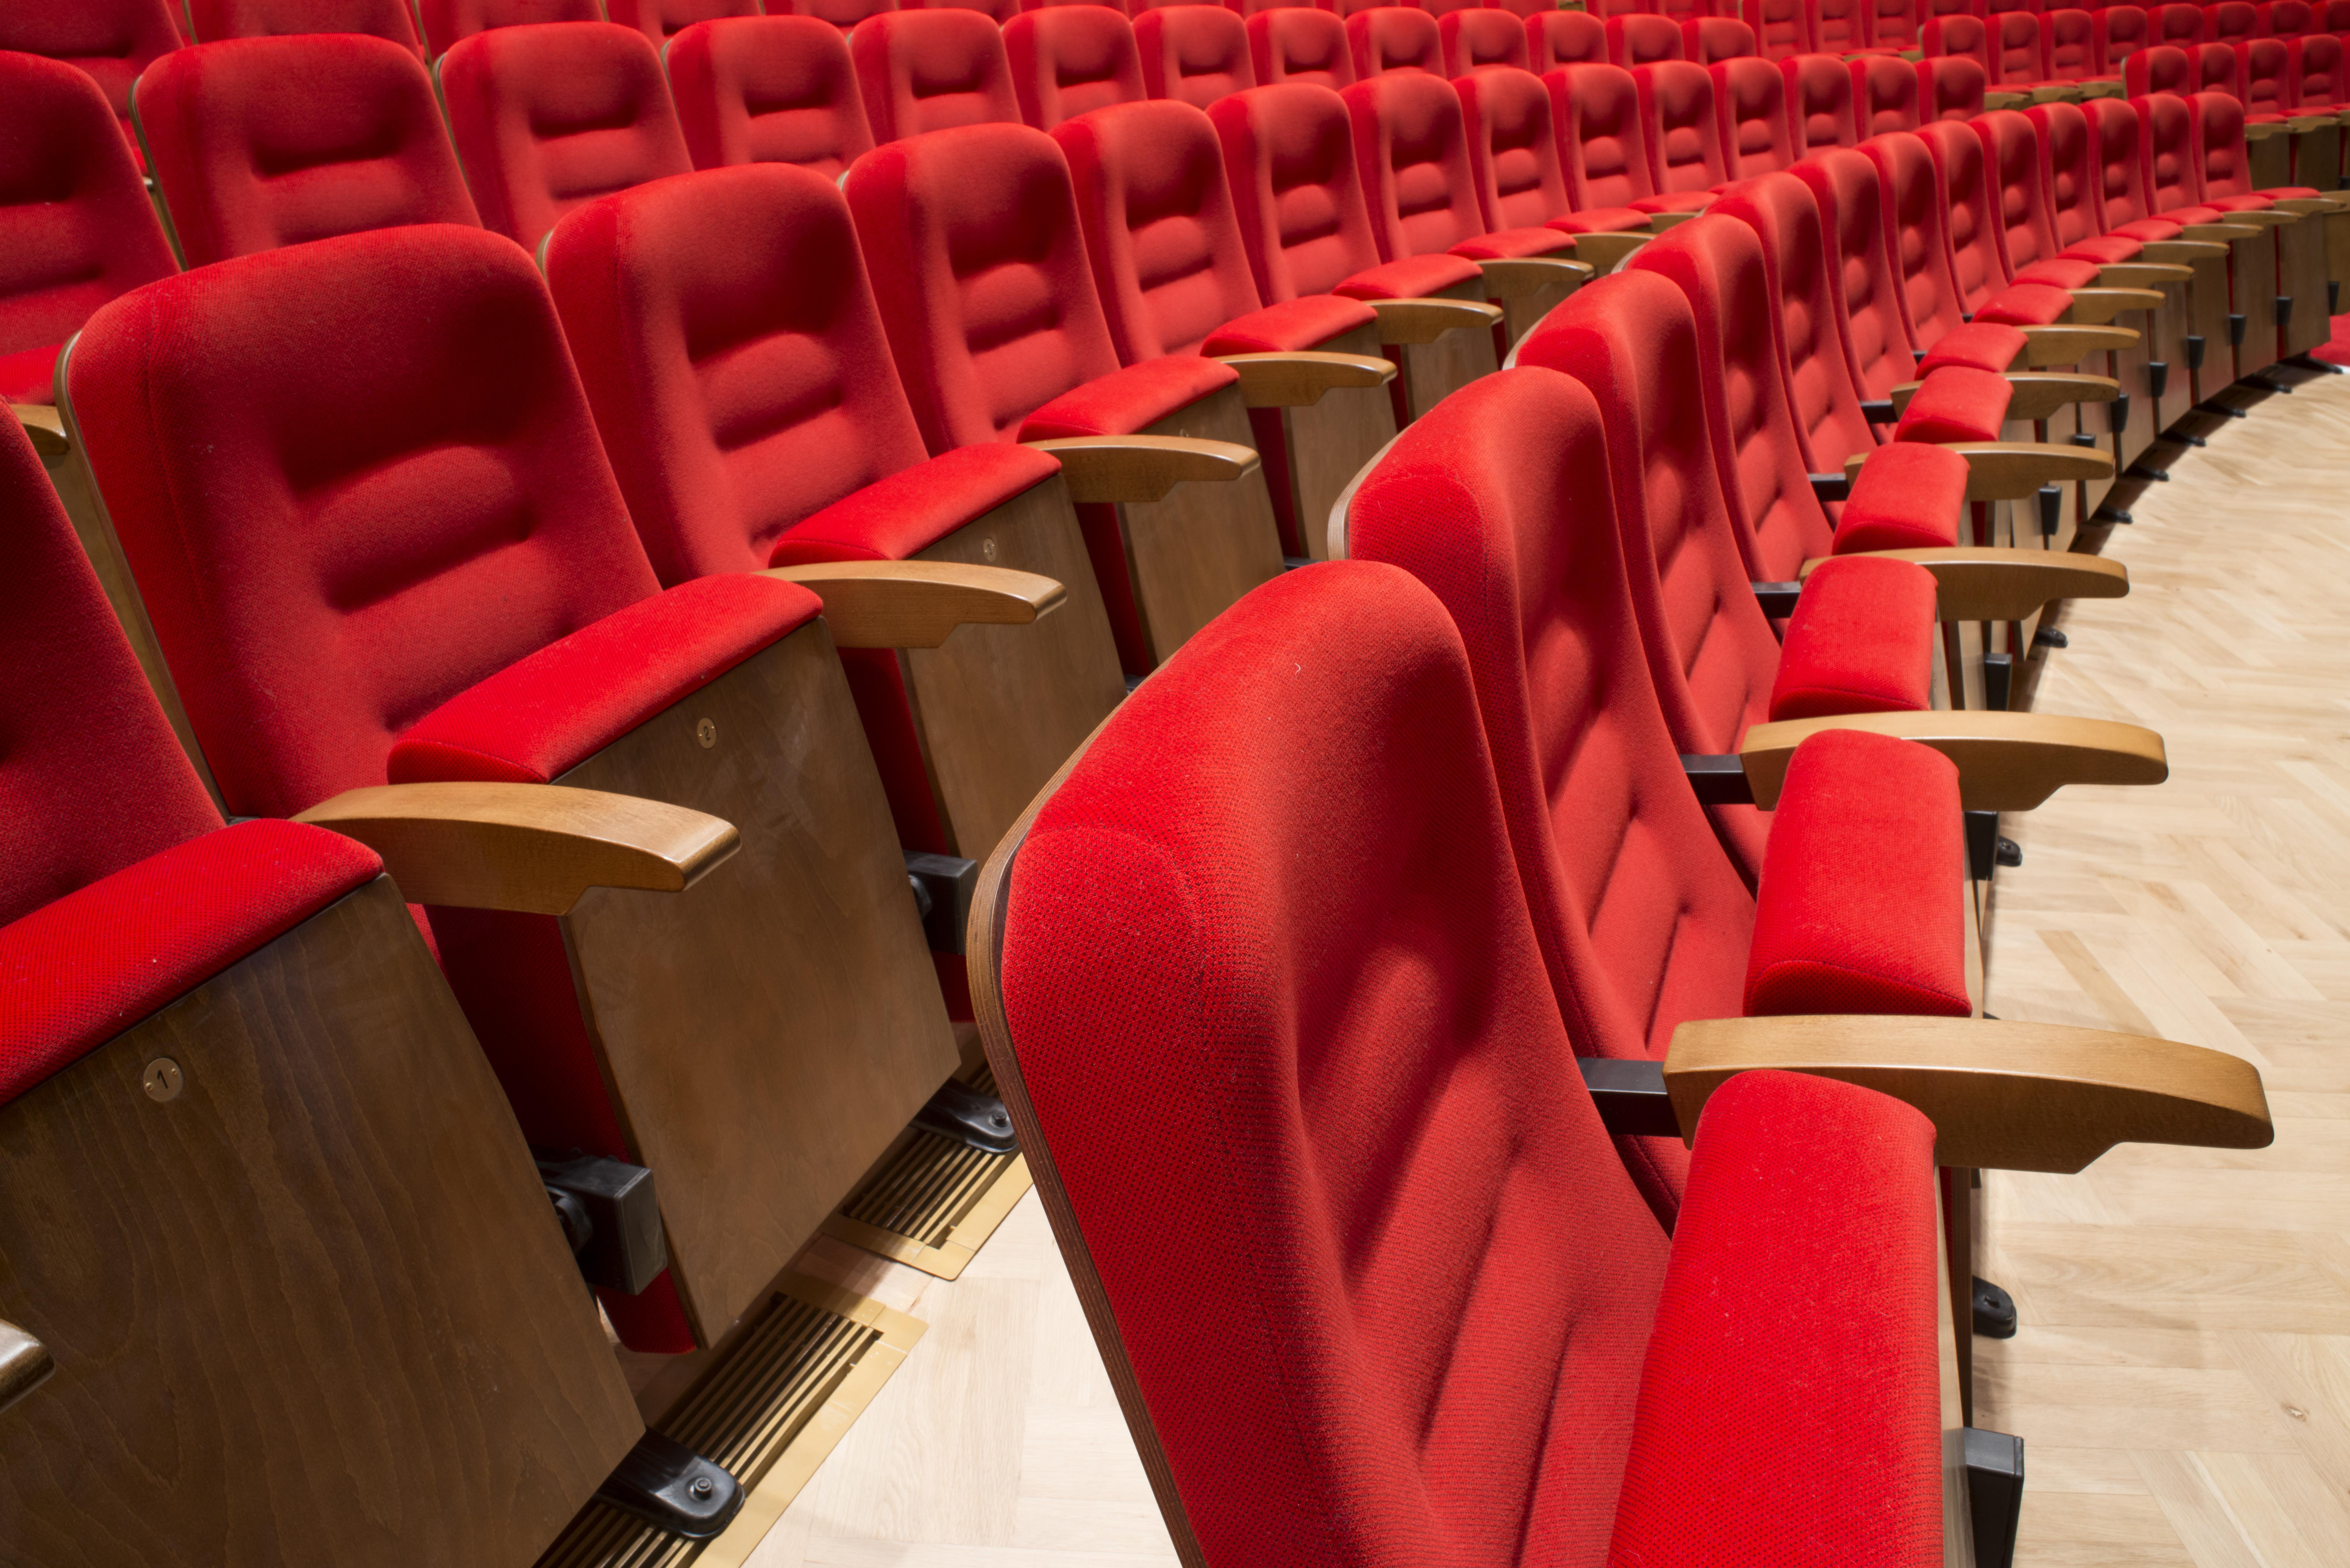 kino bad königshofen